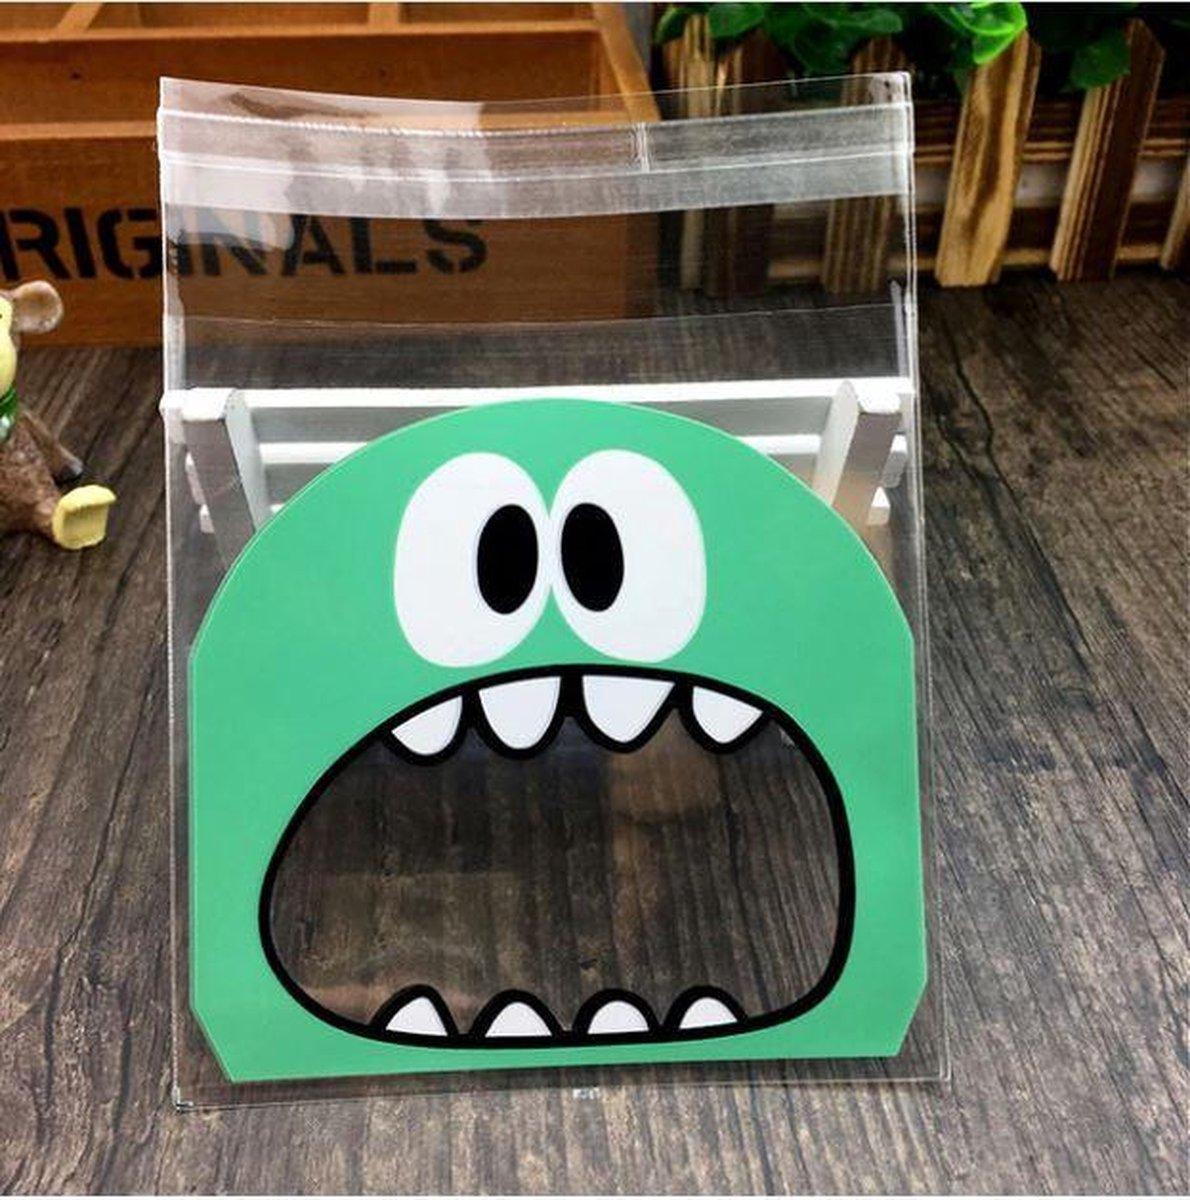 50x Transparante Uitdeelzakjes Monster Groen - Traktatie, Verjaardag, Kinderfeestje - Uitdeel Zakjes